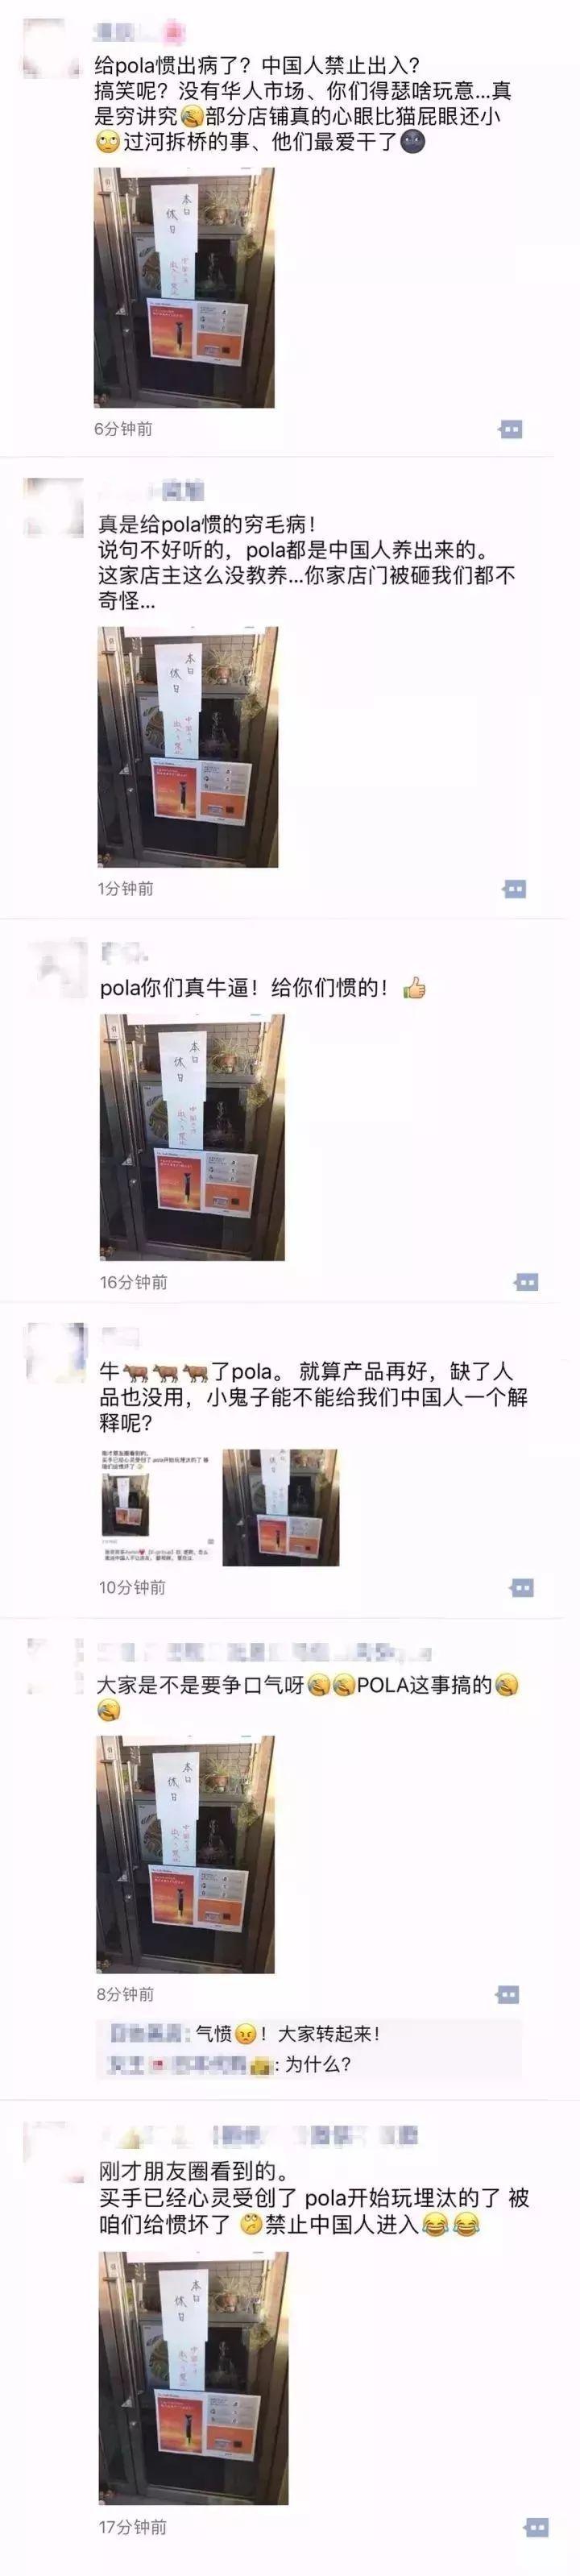 """日本化妆品巨头专卖店贴""""中国人禁止入内"""""""